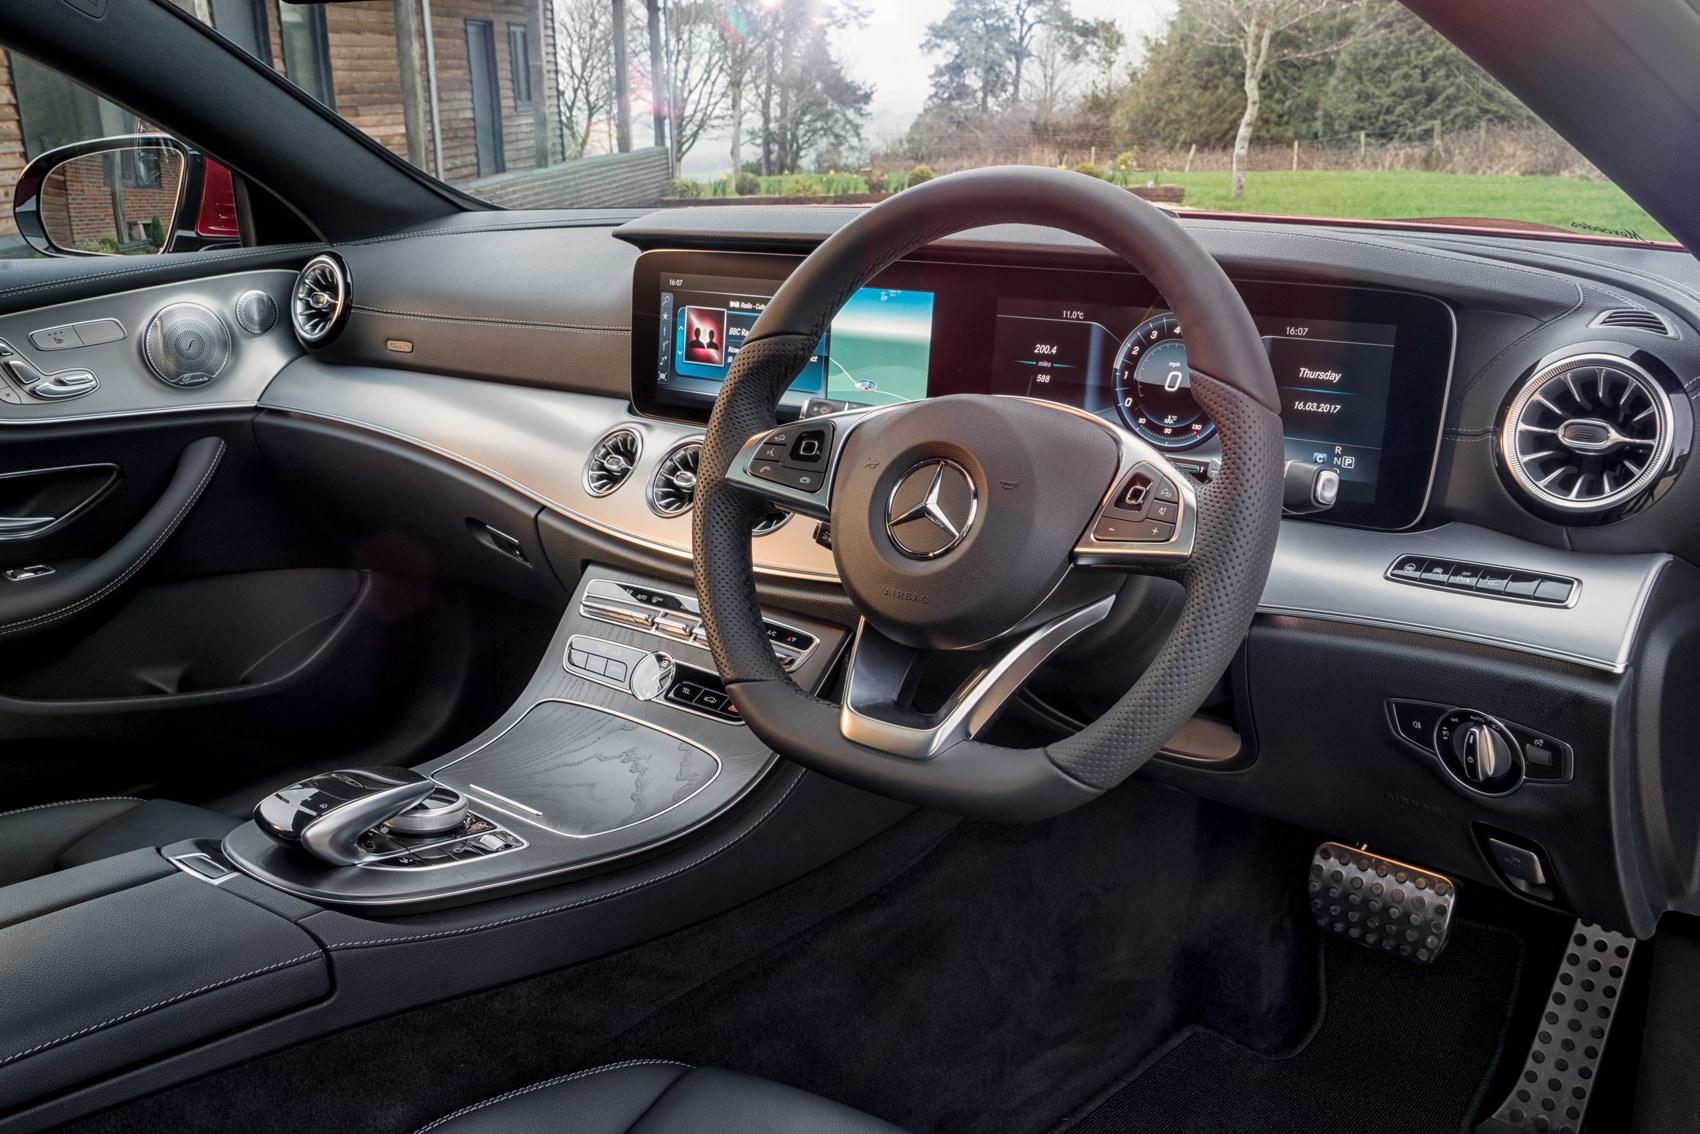 Mercedes-Benz E-Class: Setting a speed